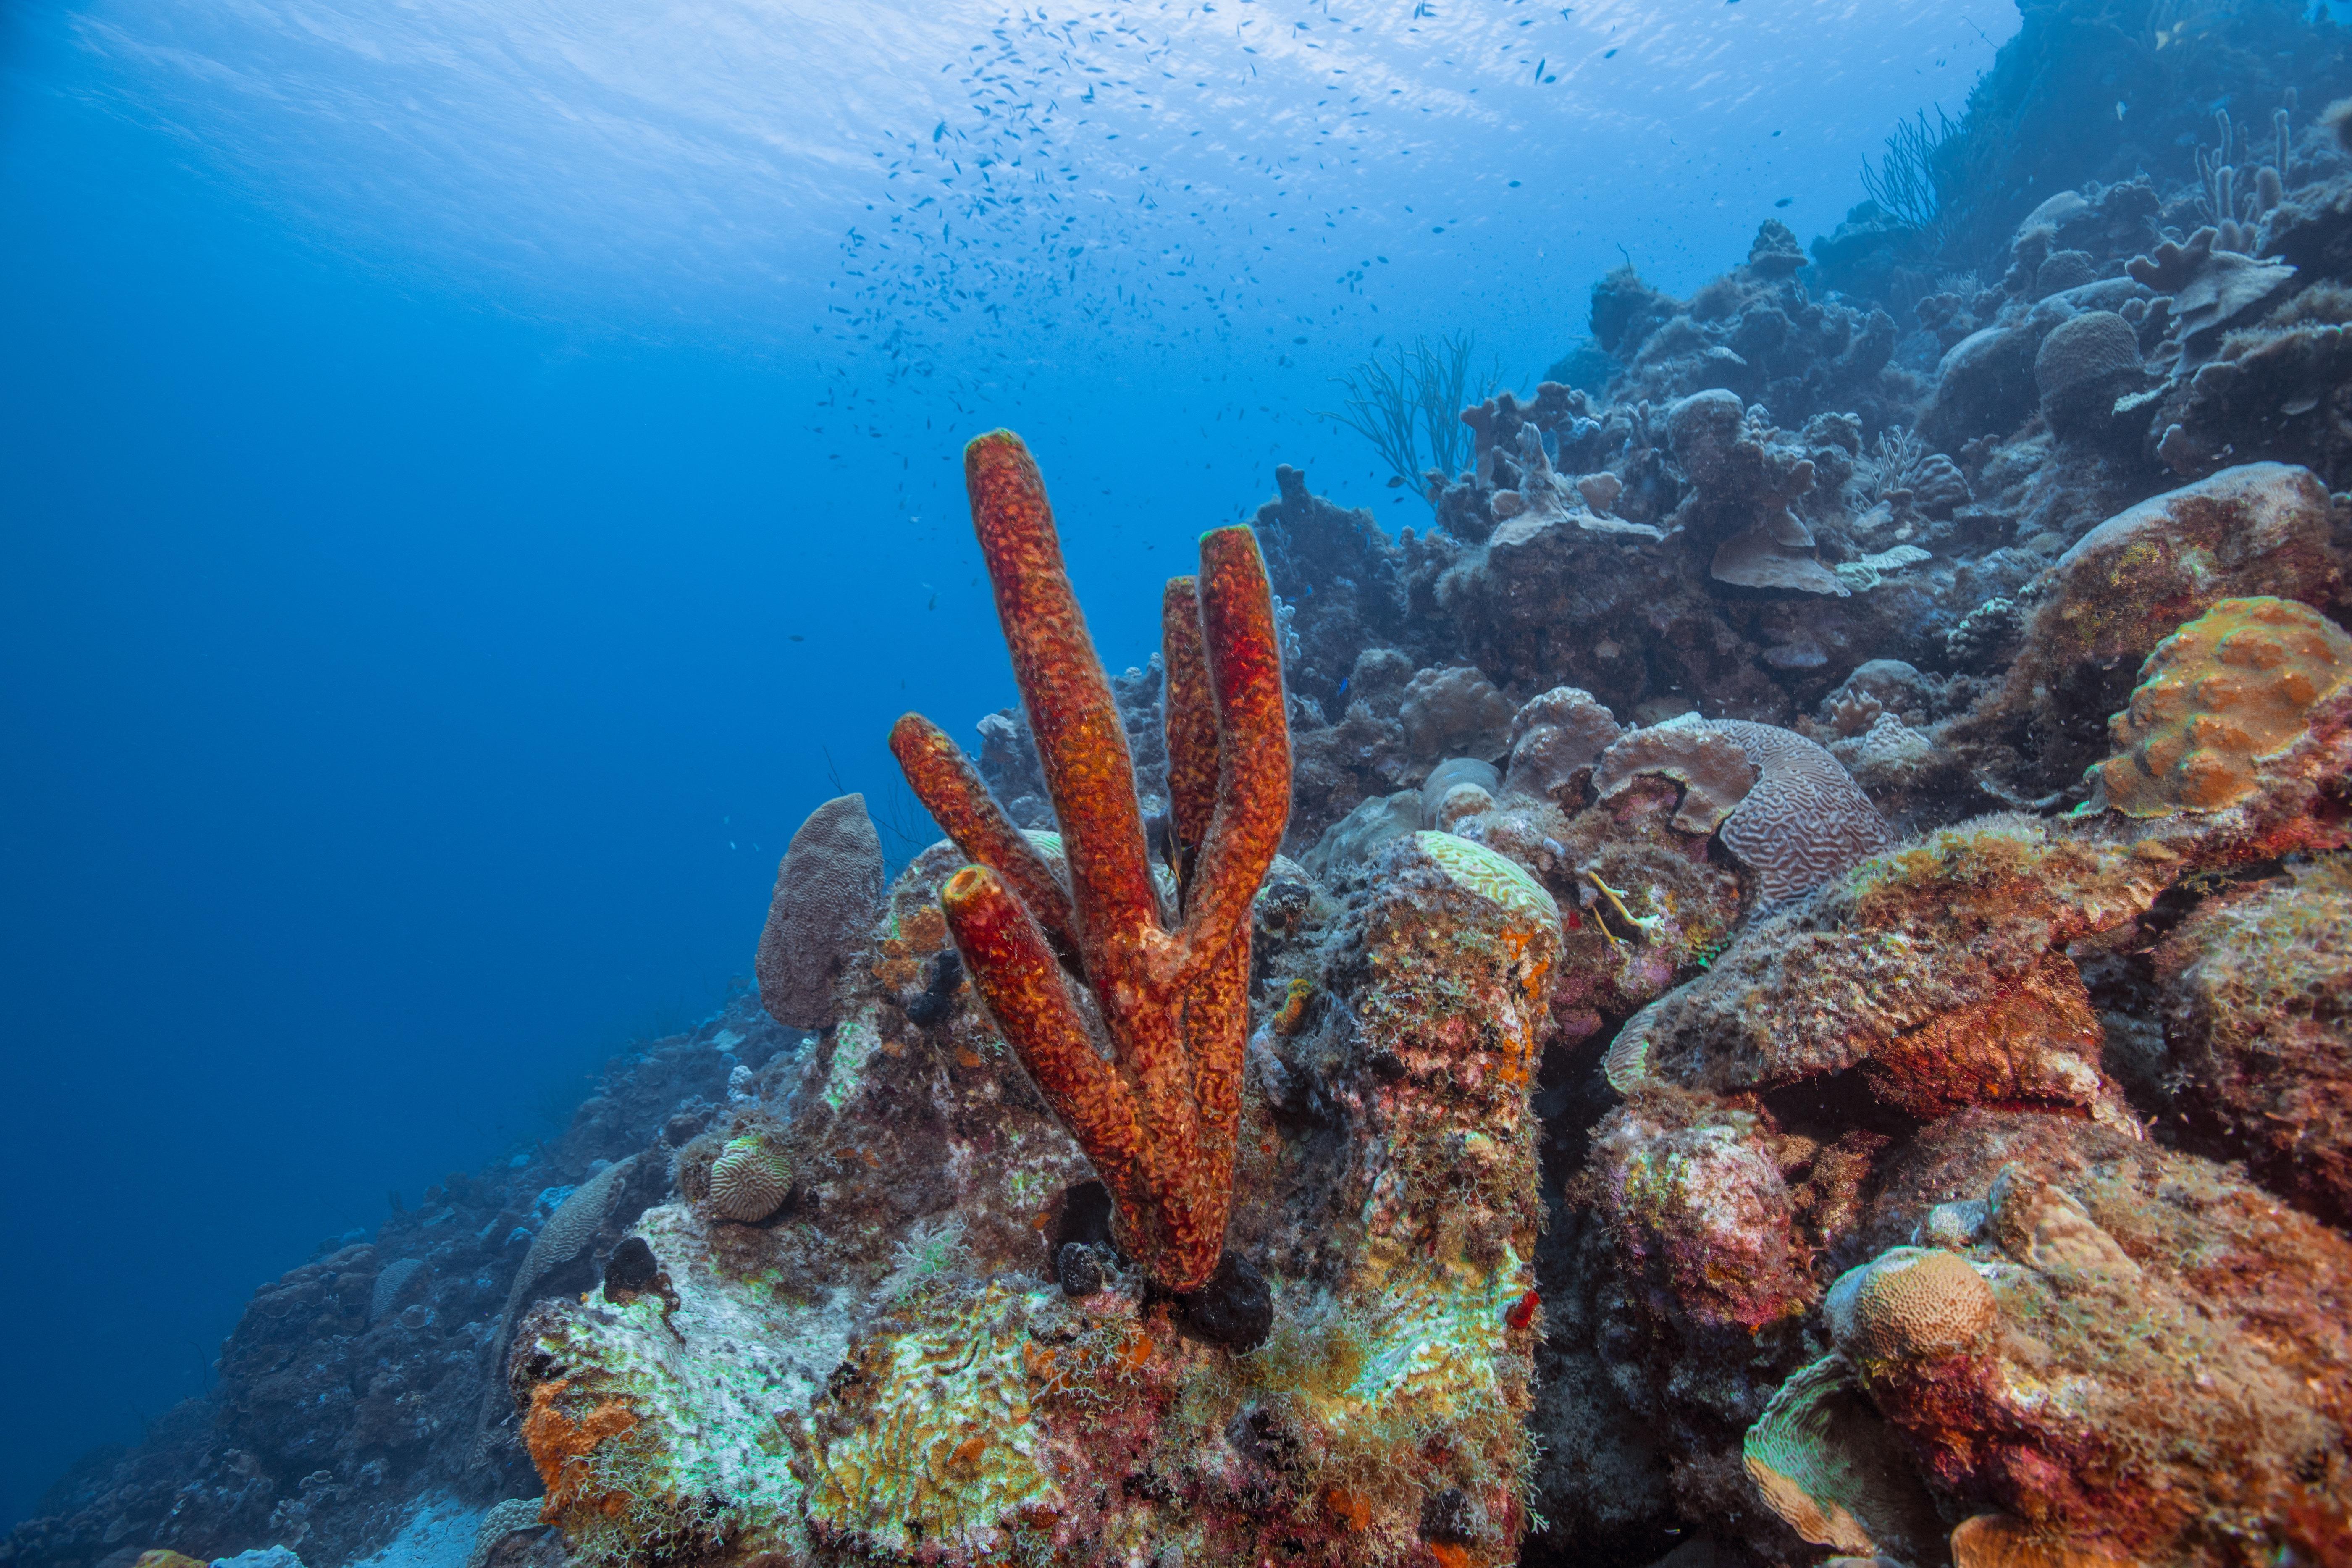 A hajók szennyvize miatt pusztulhatnak a korallok a Karib-tengeren